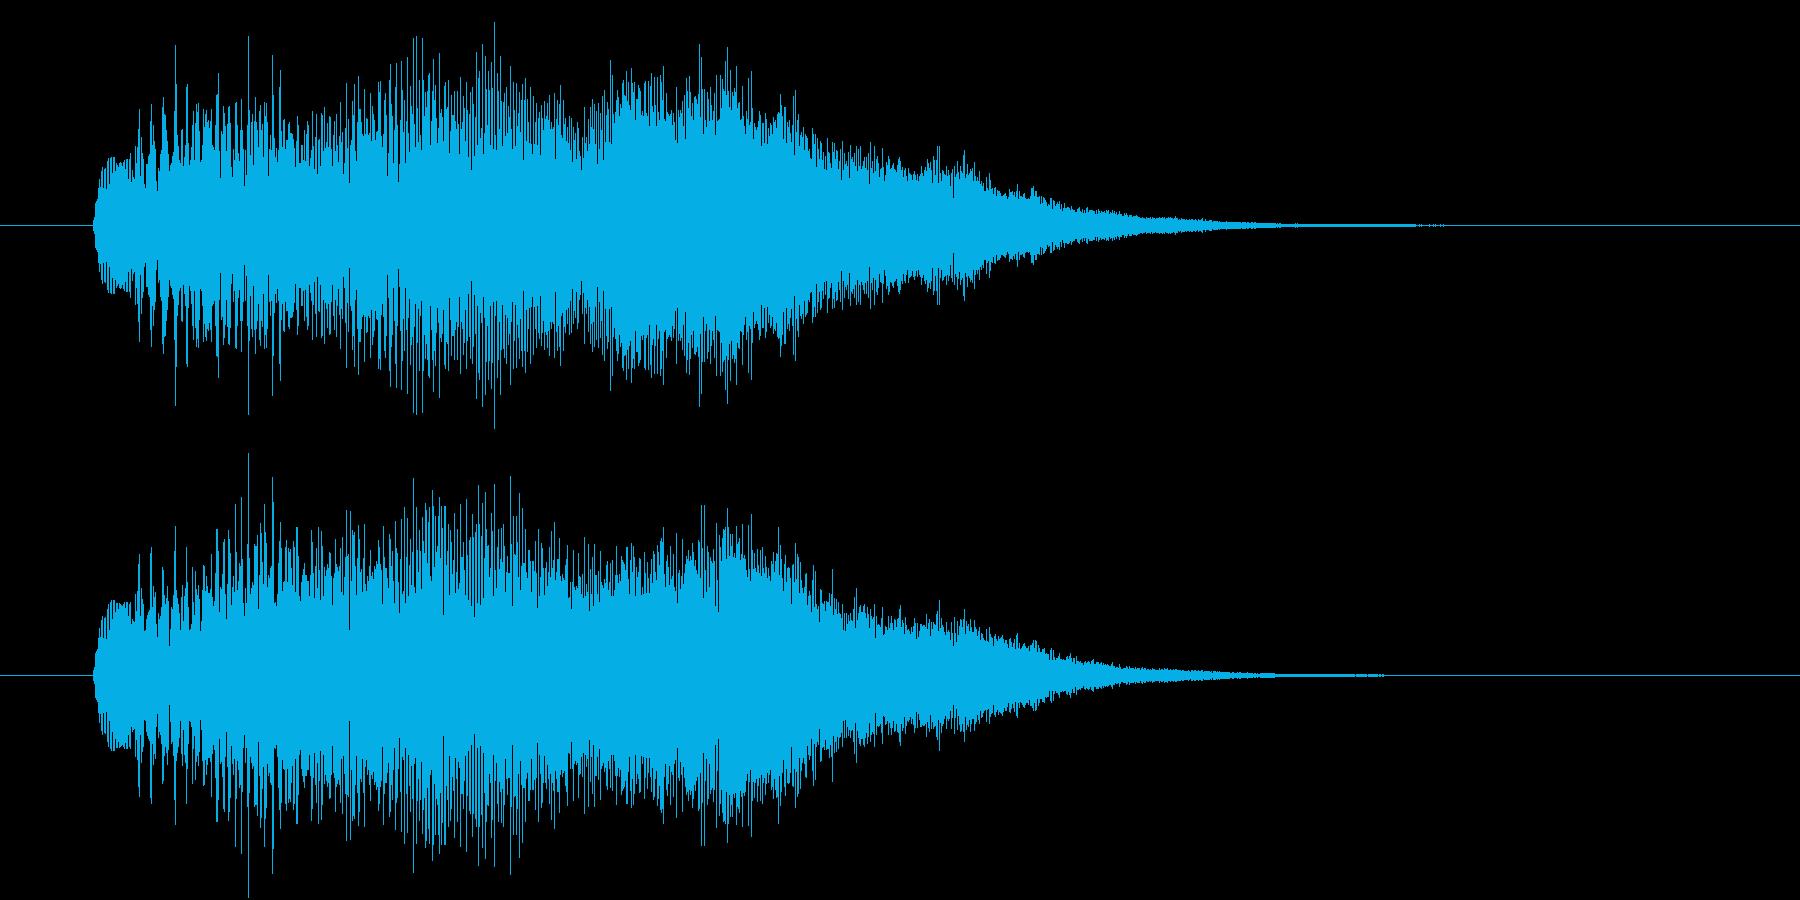 キラキラアルペジオ2の再生済みの波形